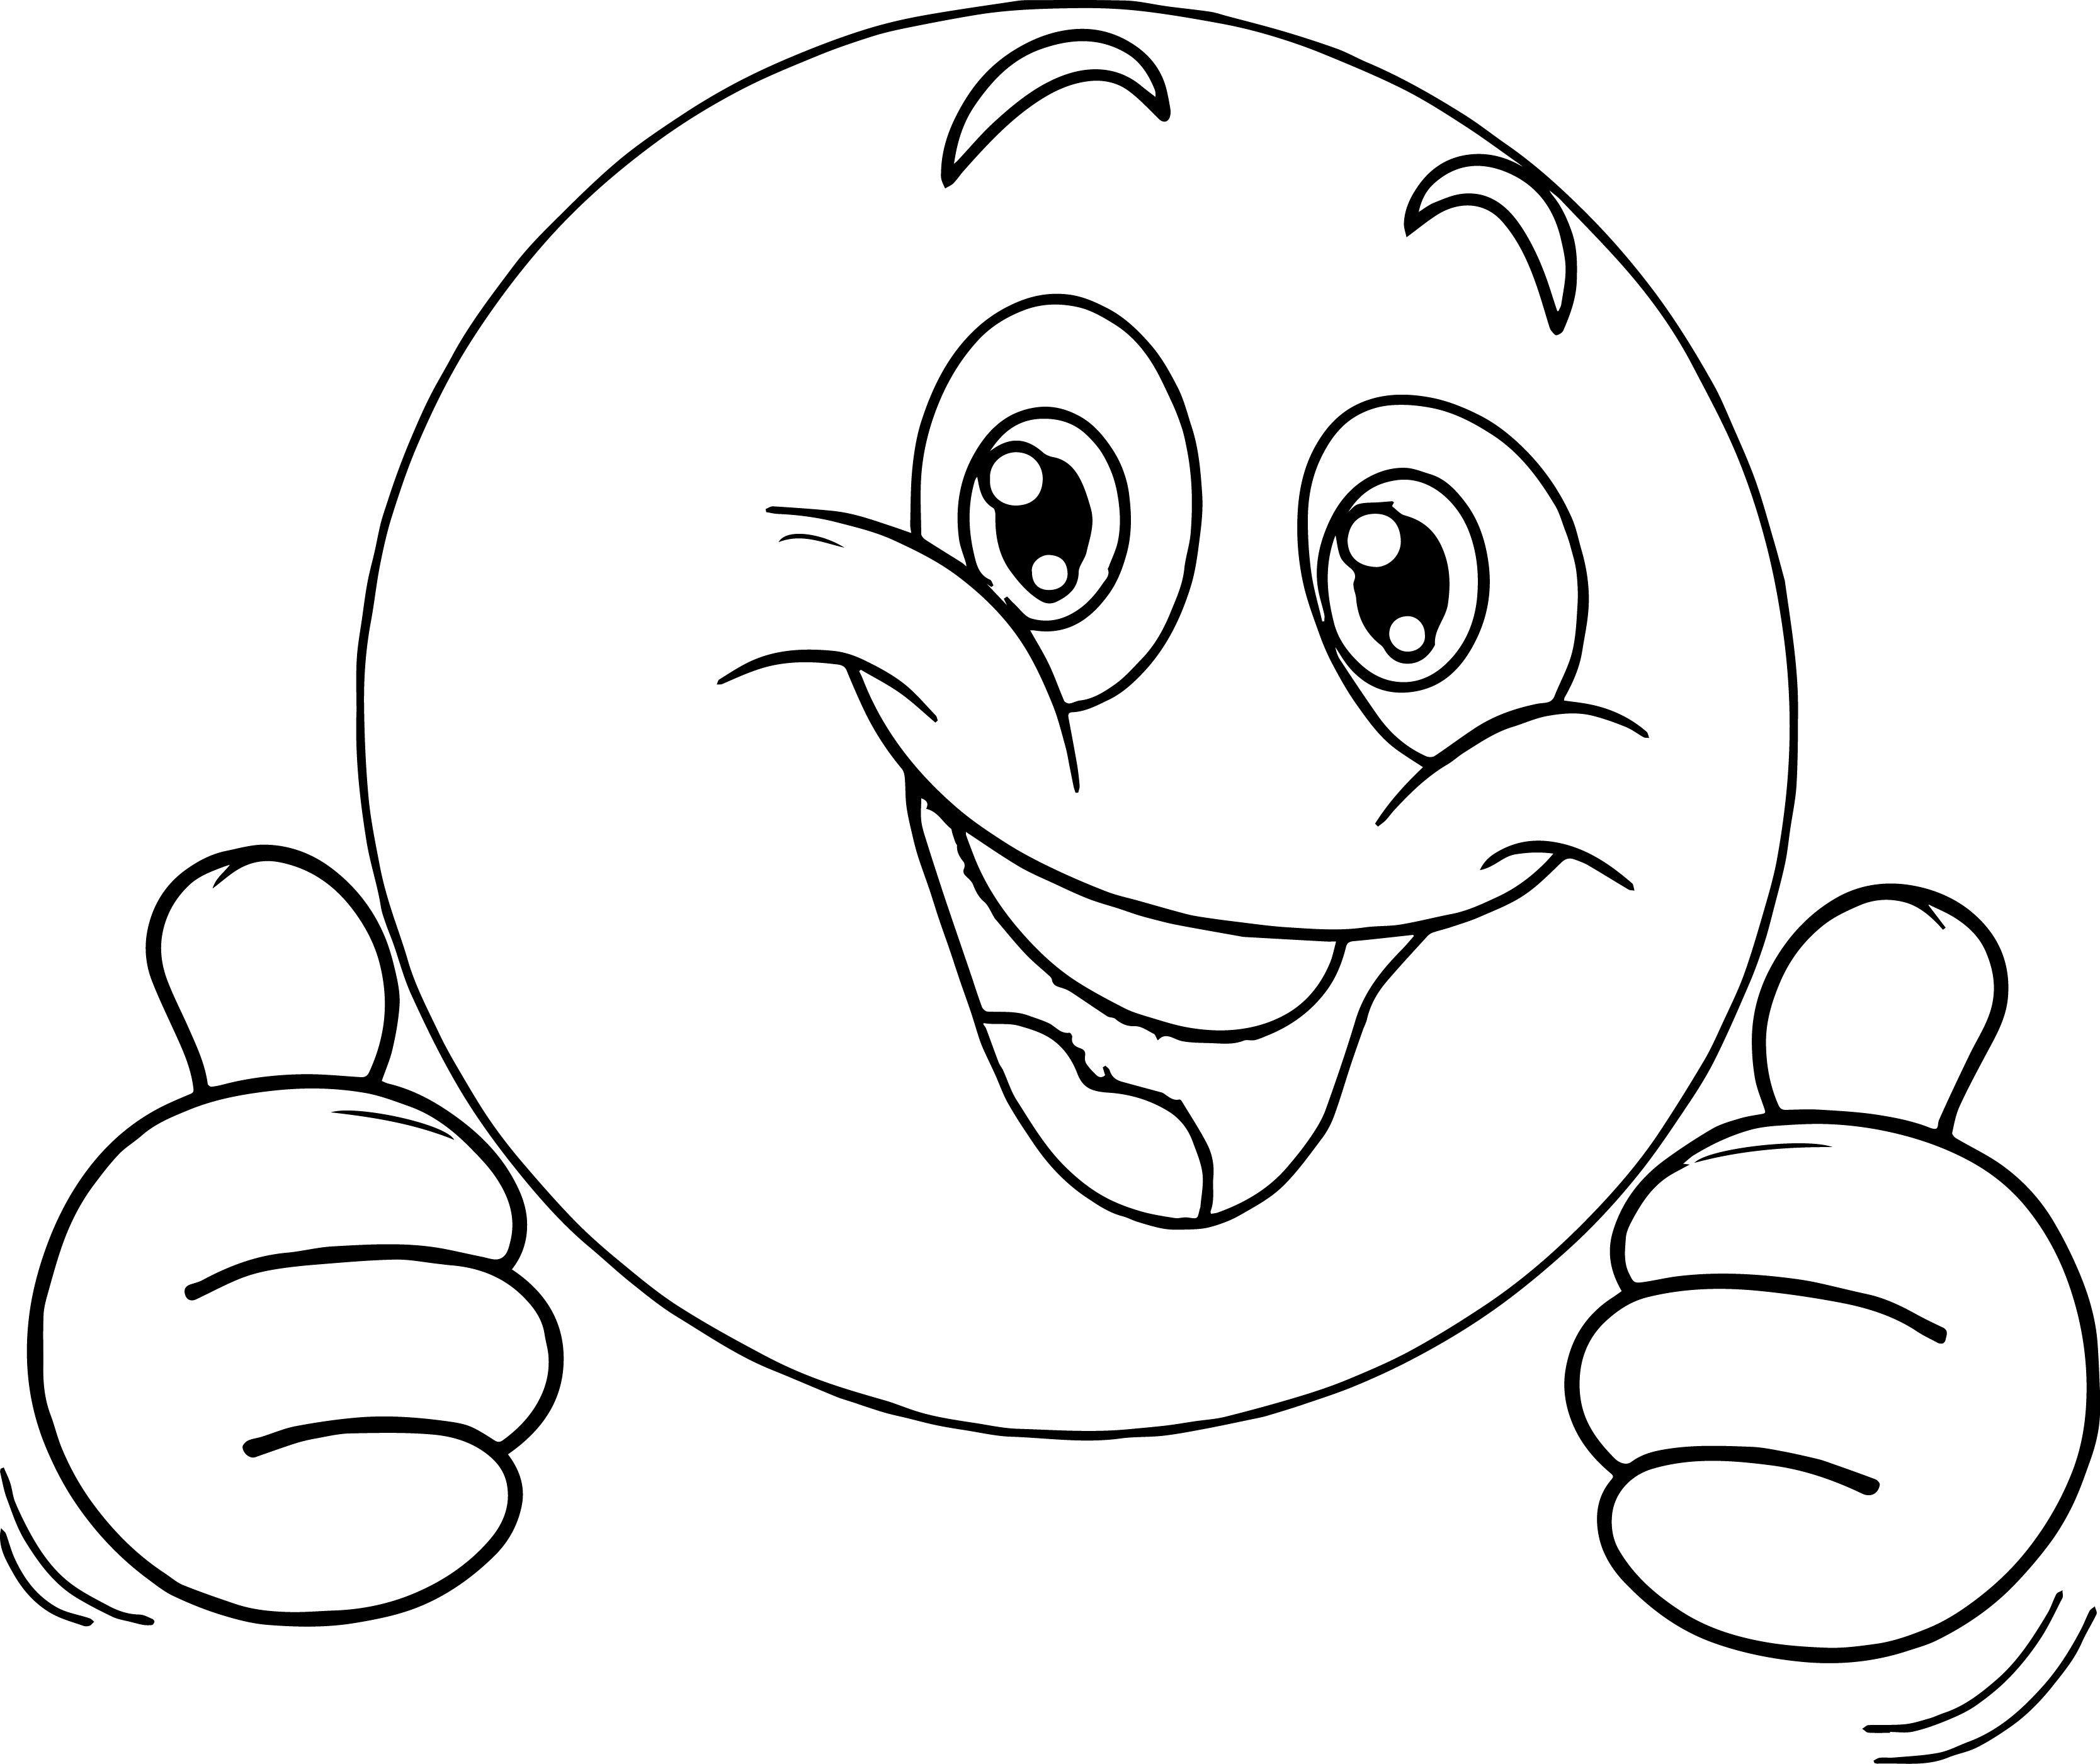 Cool Very Happy Emoticon Face Coloring Page Boyama Sayfalari